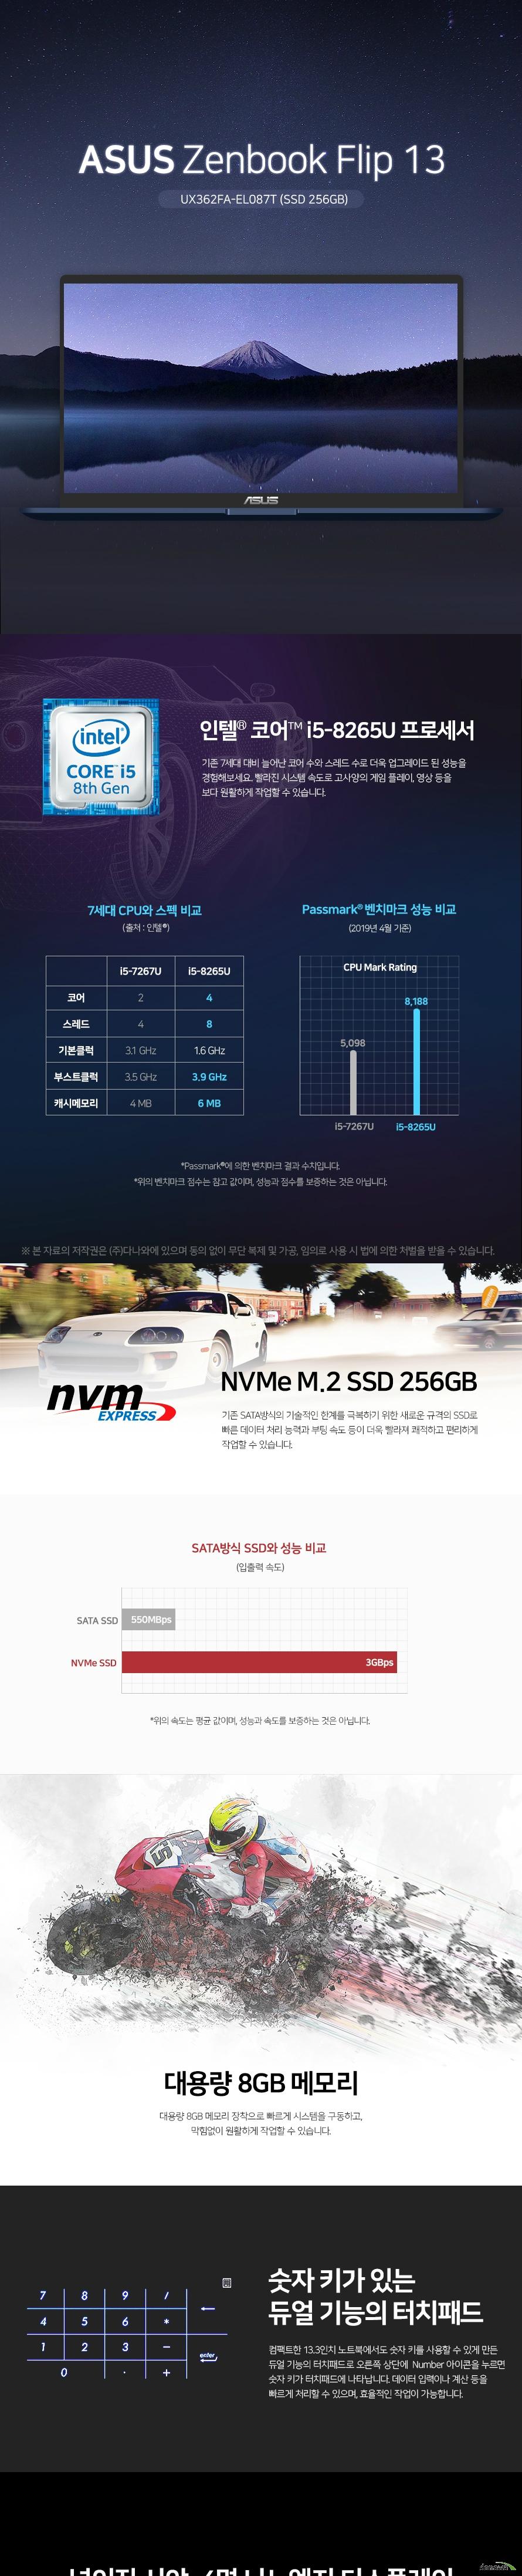 ASUS 젠북 플립 13 UX362FA-EL087T (SSD 256GB) 상세 스펙 인텔 / 코어i5-8세대 / 위스키레이크 / i5-8265U 1.6GHz(3.9GHz) / 쿼드 코어 / 33.78cm(13.3인치) / 1920x1080(FHD) / 광시야각 / 슬림형 베젤 / 터치스크린 / 회전LCD / 8GB / M.2(NVMe) / 256GB / UHD 620 / VRAM:시스템메모리공유 / HDMI / 웹캠 / USB Type-C / USB 2.0 / 키보드 라이트 / MIL-STD / 블록 키보드 / 얼굴 인식 / 전용 펜 지원 / 50Wh / 윈도우10 / 두께:16.9mm / 1.3Kg / 용도: 사무/인강용 , 휴대용 / 색상: 블루